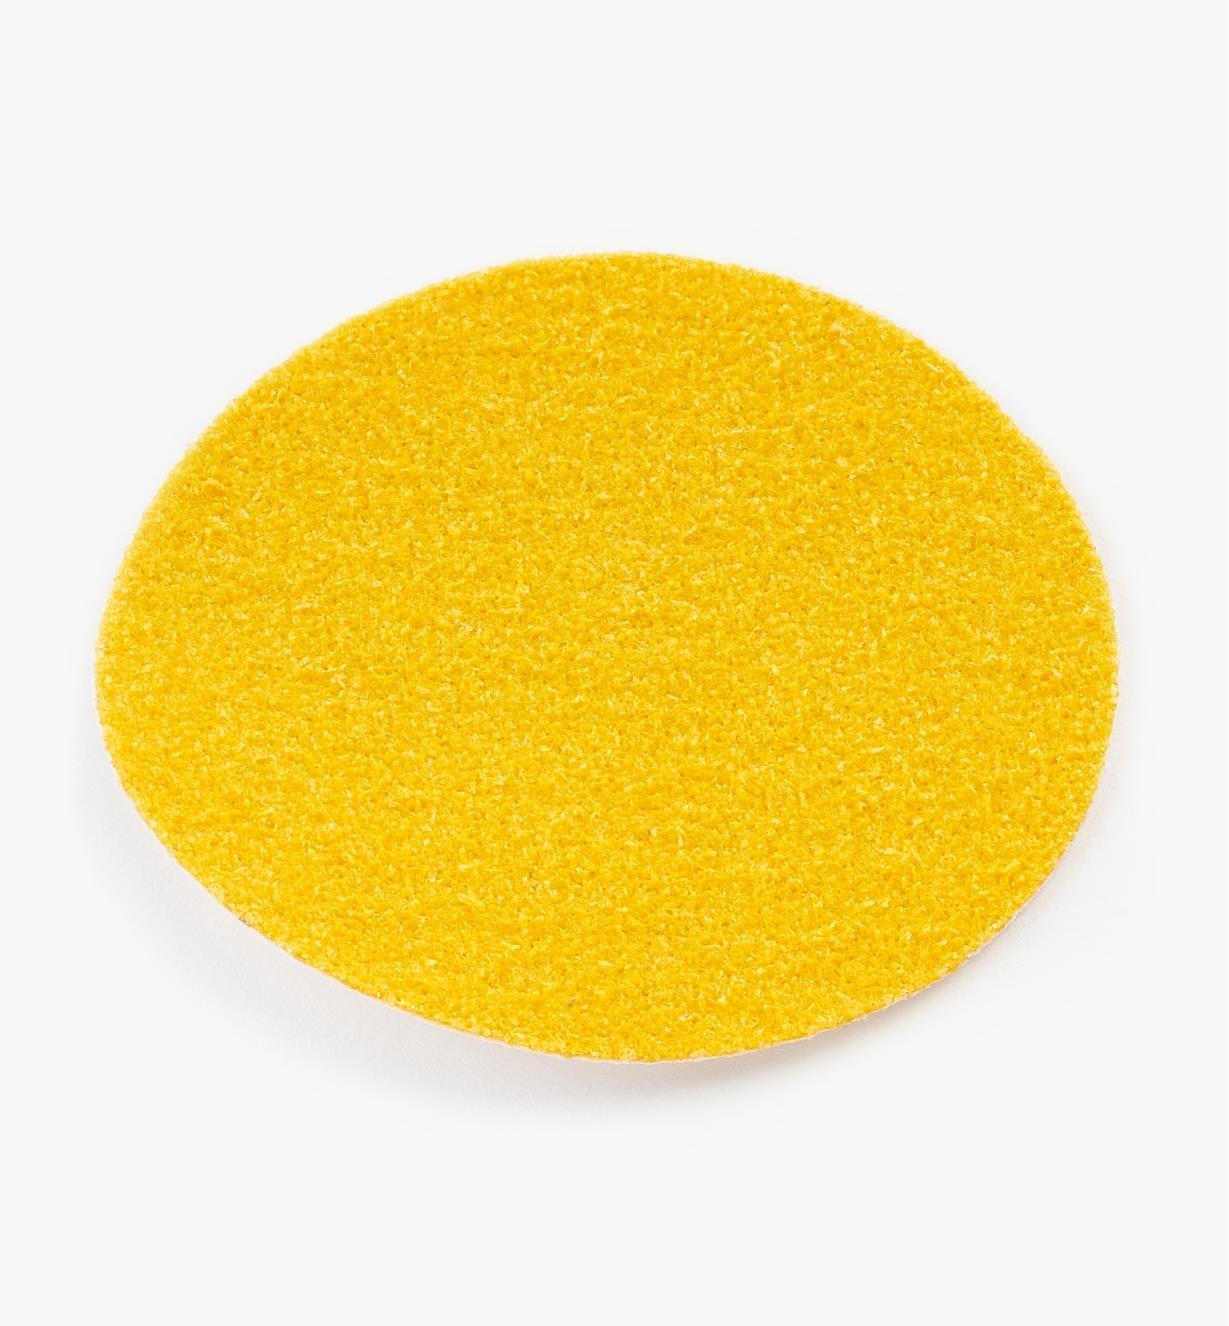 25K0142 - Pastilles jaunes de 2po (25)